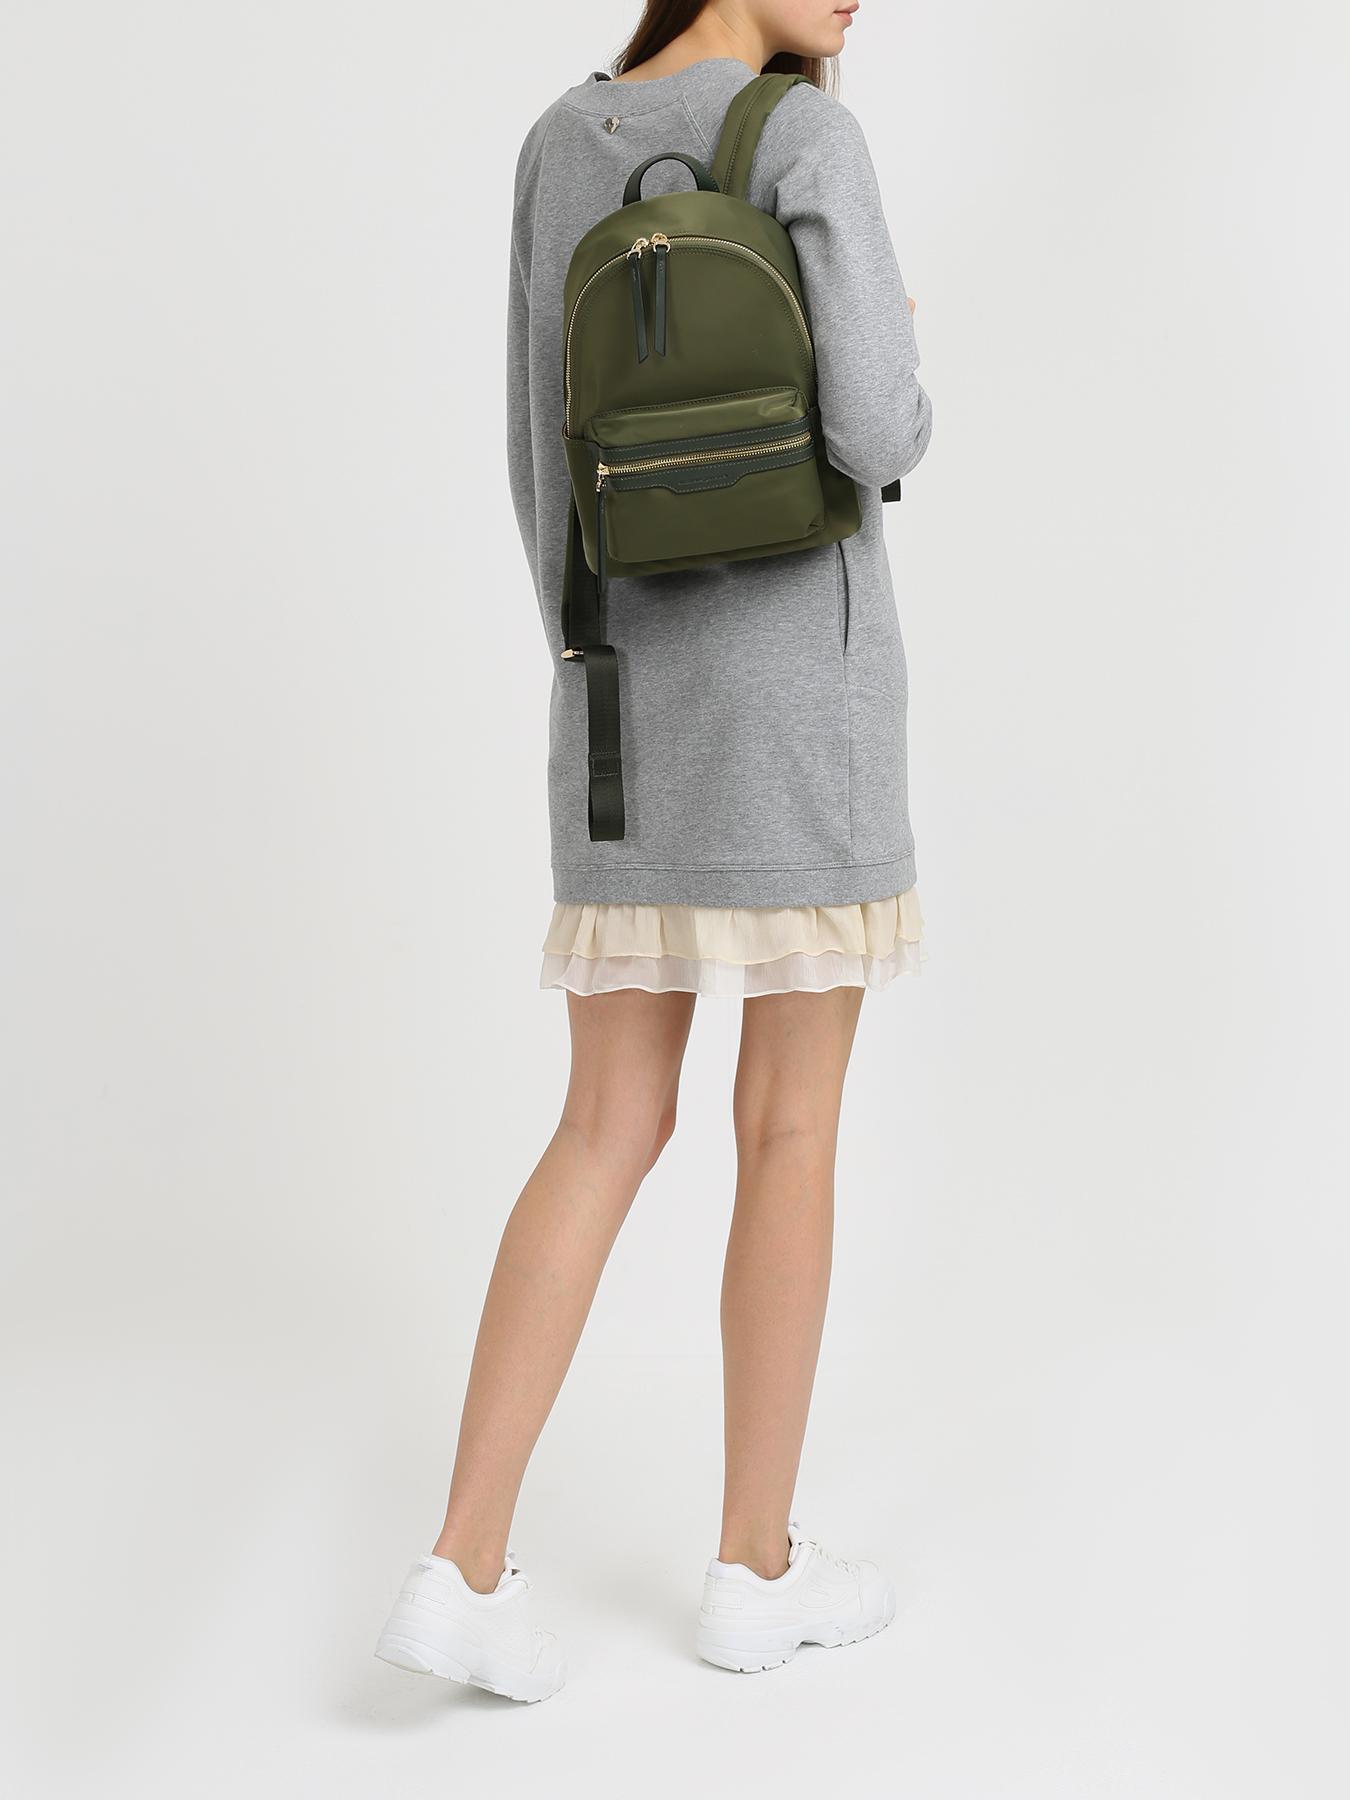 Рюкзак Alessandro Manzoni Женский рюкзак